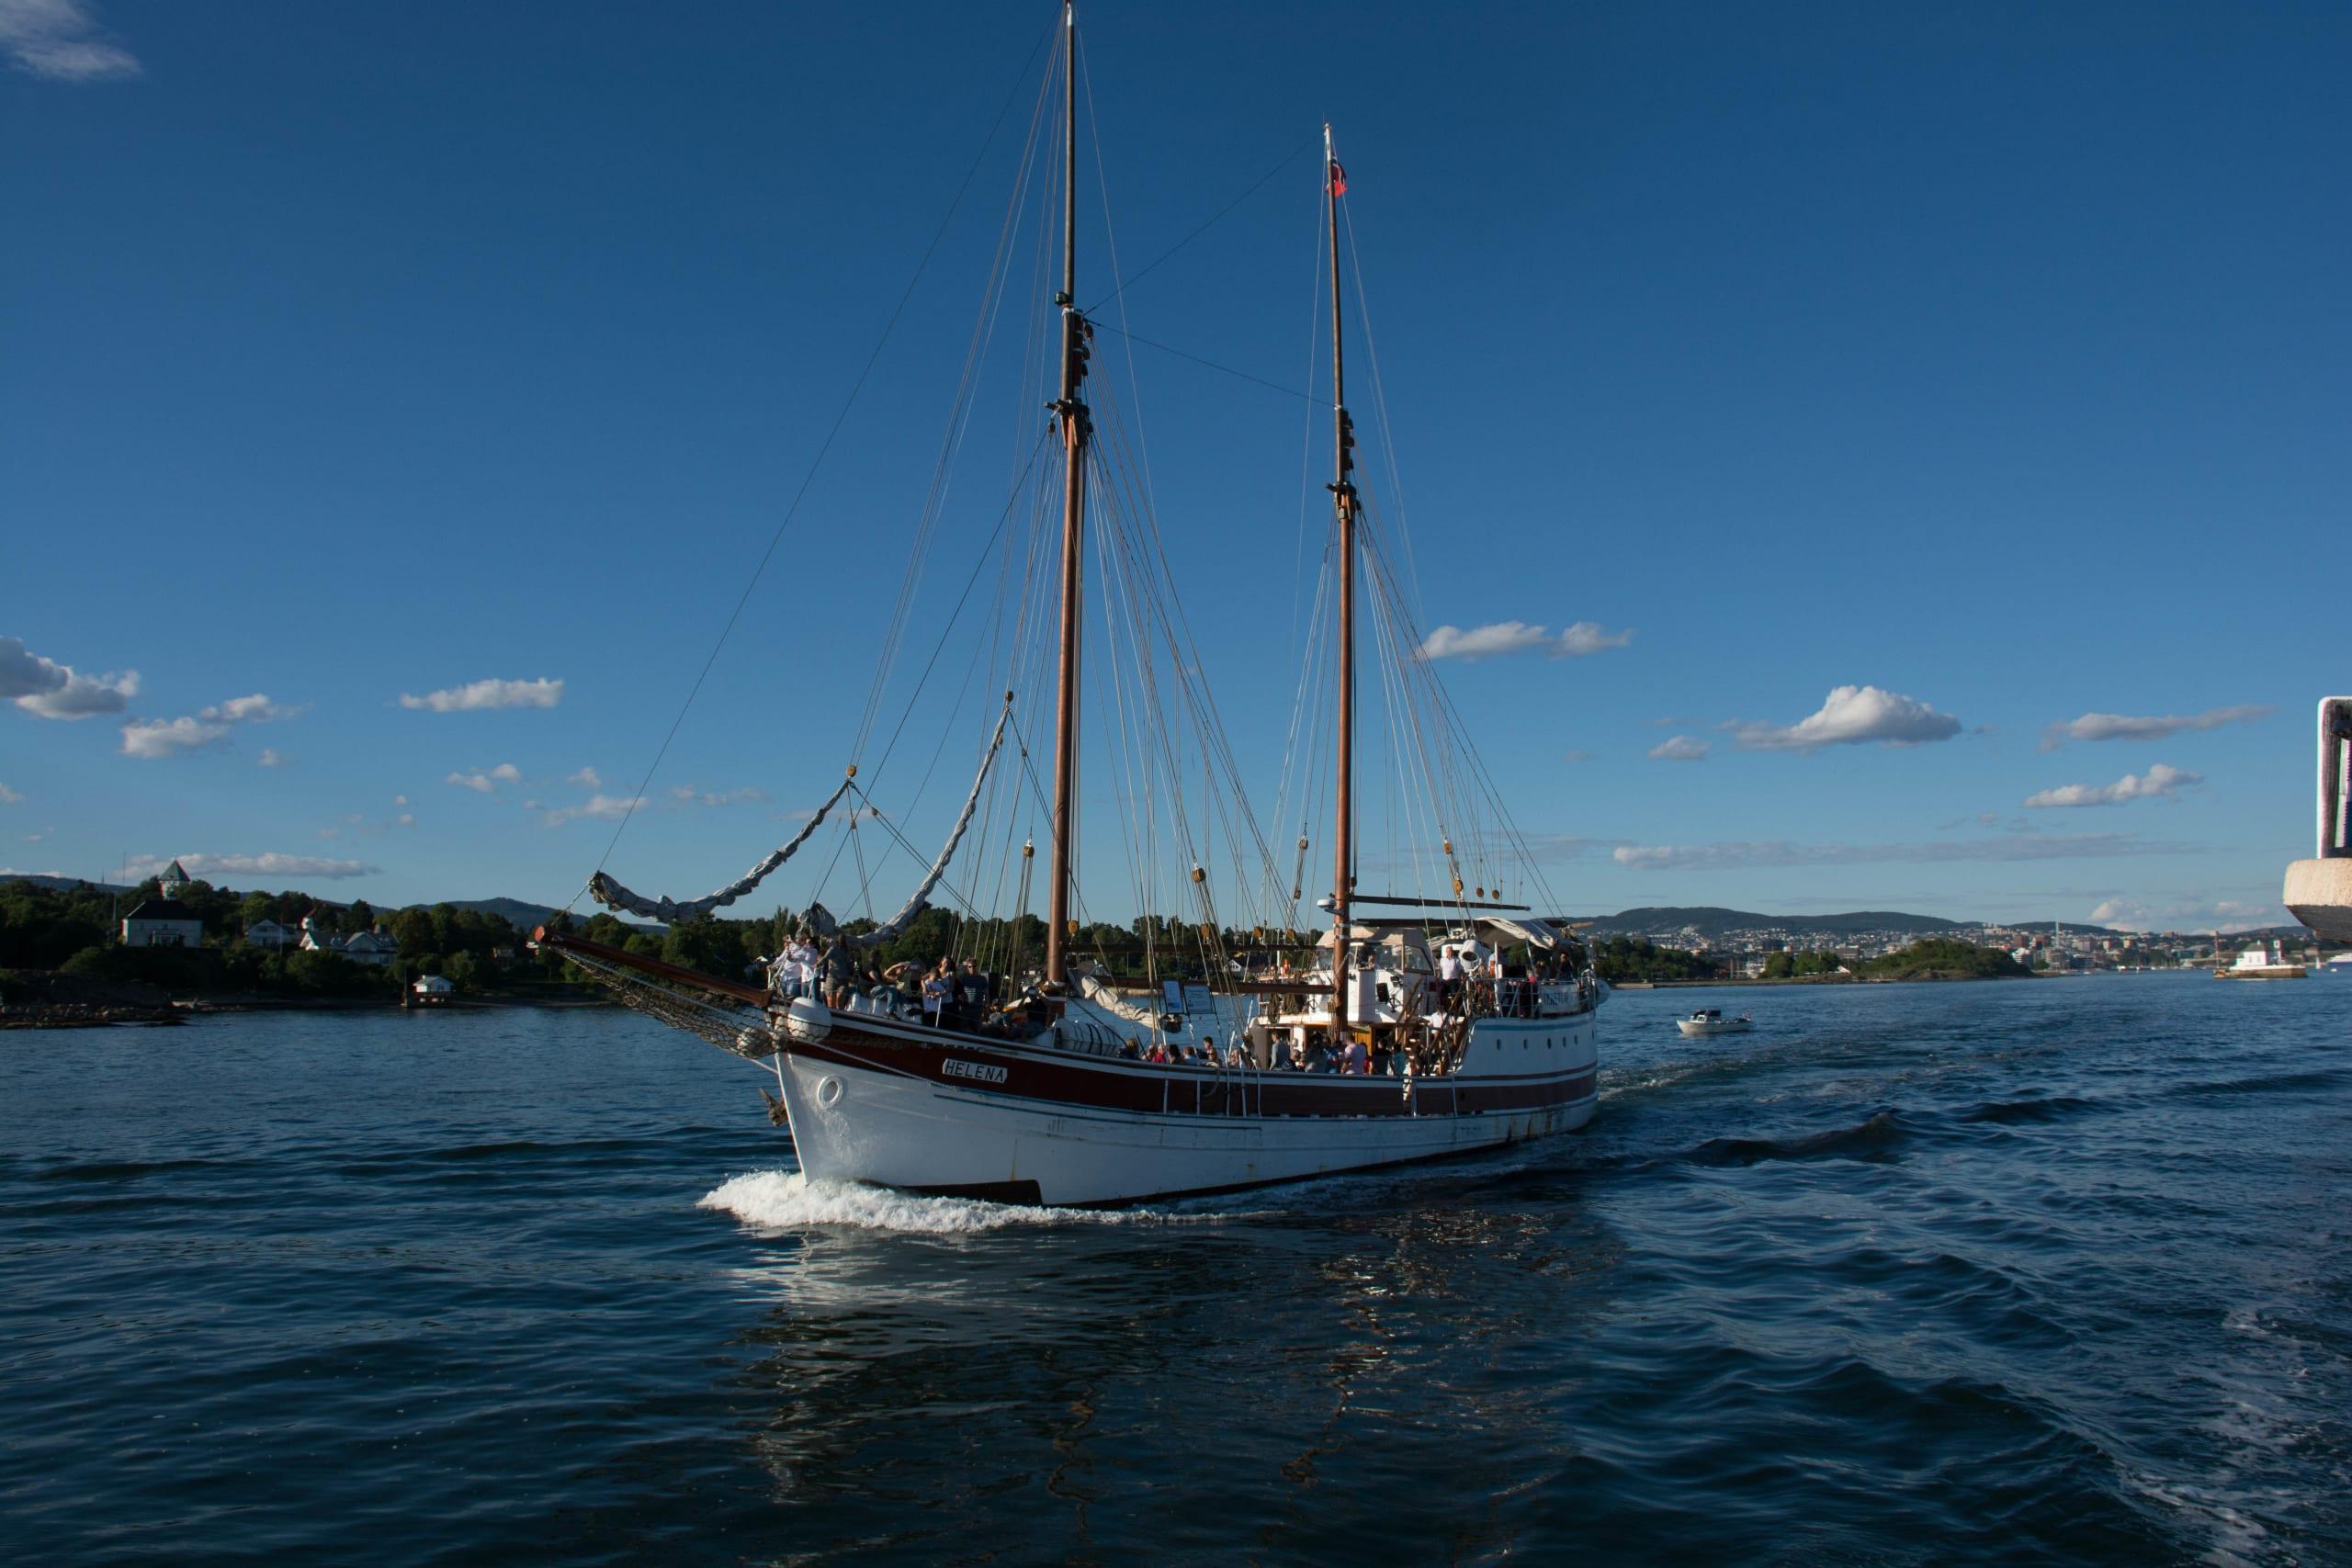 Sailship on the Oslofjord